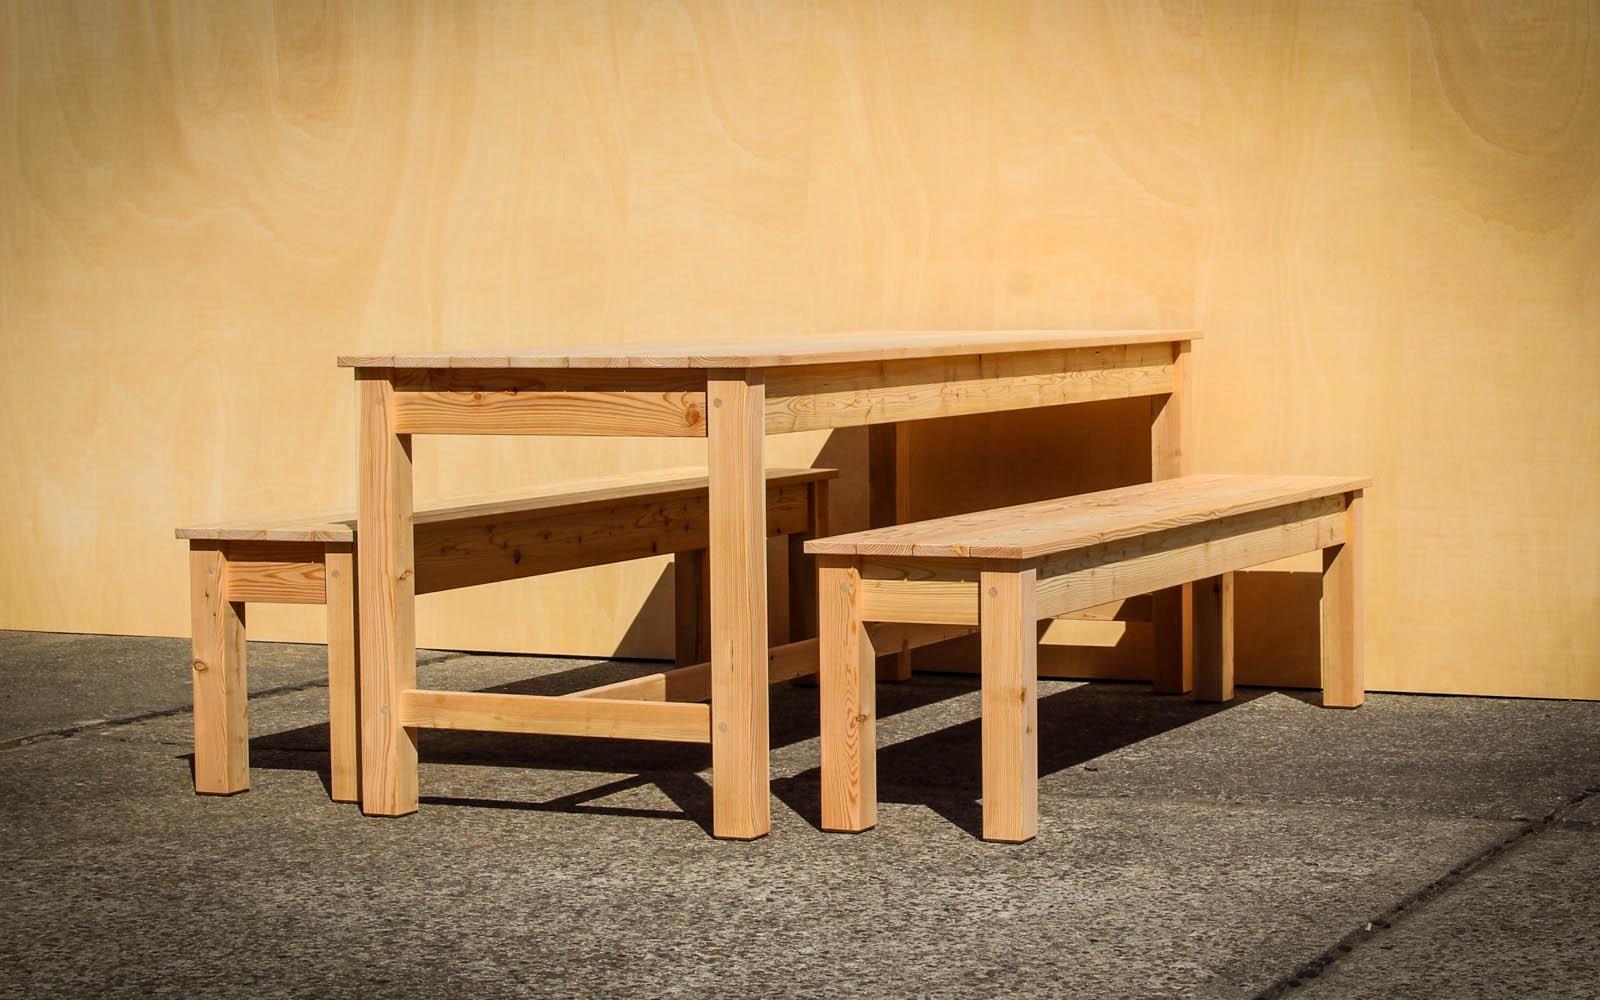 NEUBERGA - neue Gartenmöbel, Holzbänke & Gartenhäuser aus Berlin